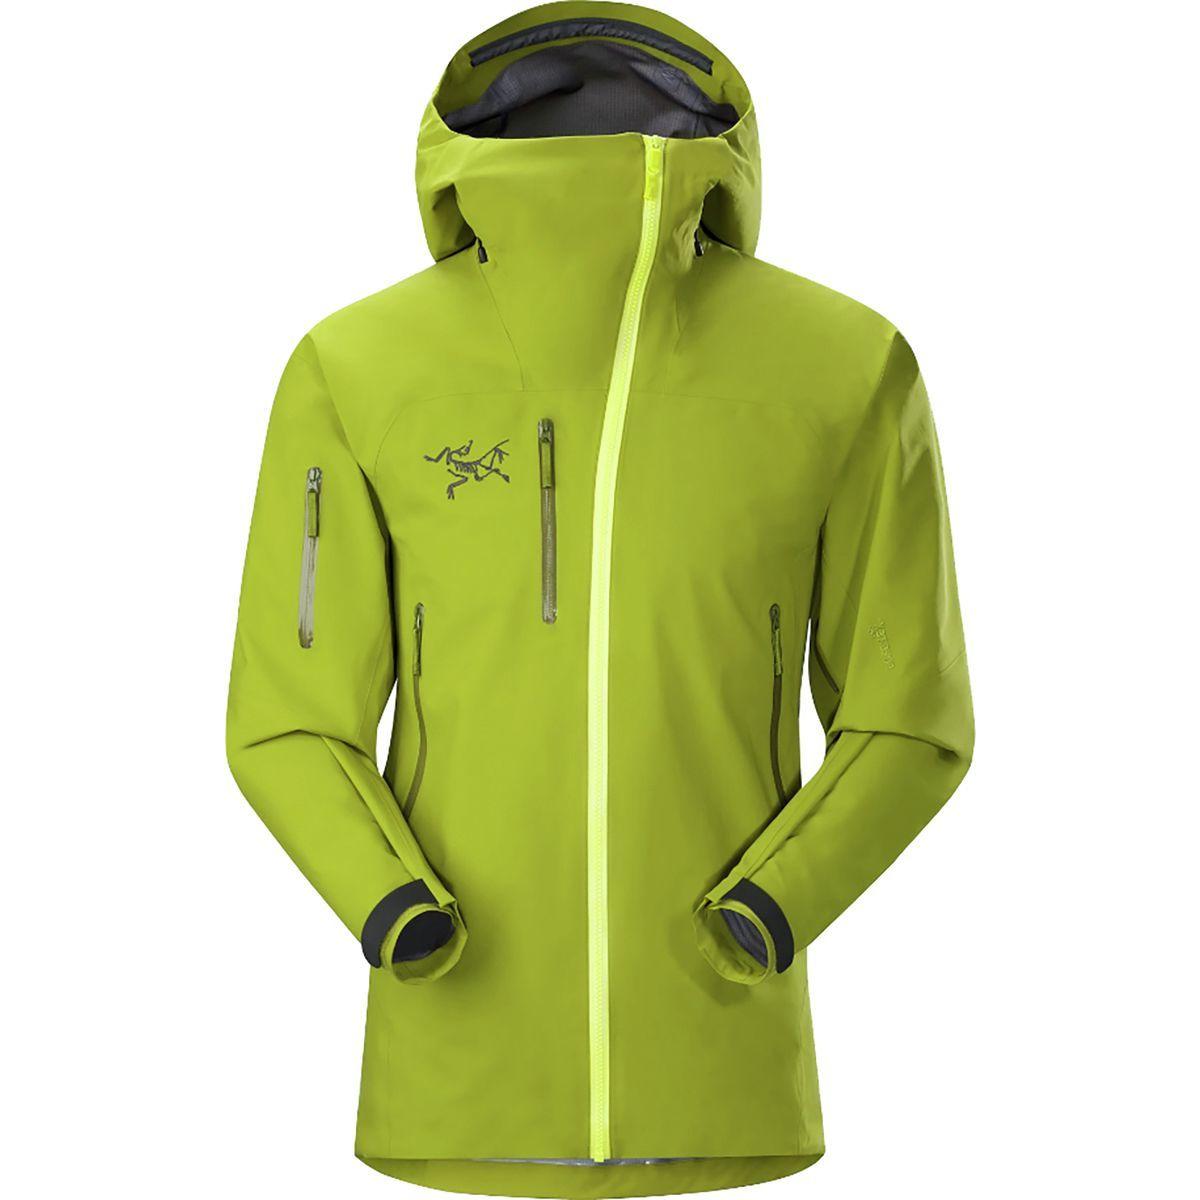 Arc'teryx Sidewinder Jacket - Men's